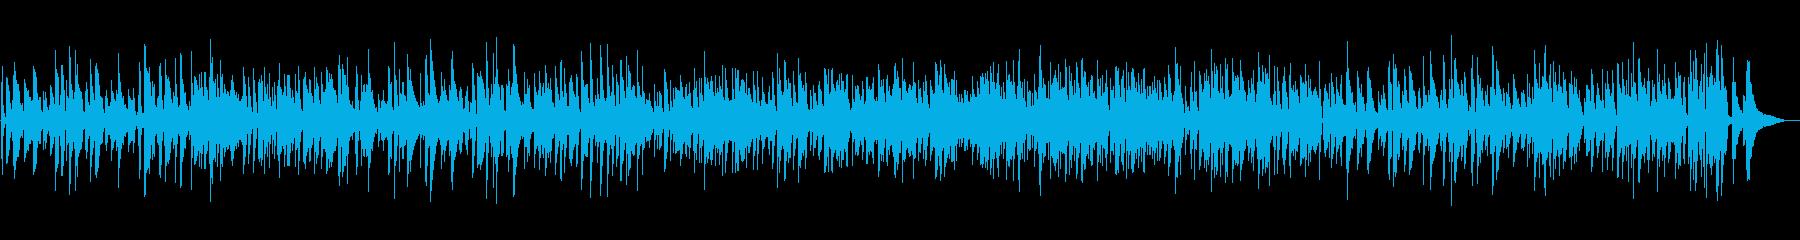 おしゃれジャズ大人なピアノYouTubeの再生済みの波形